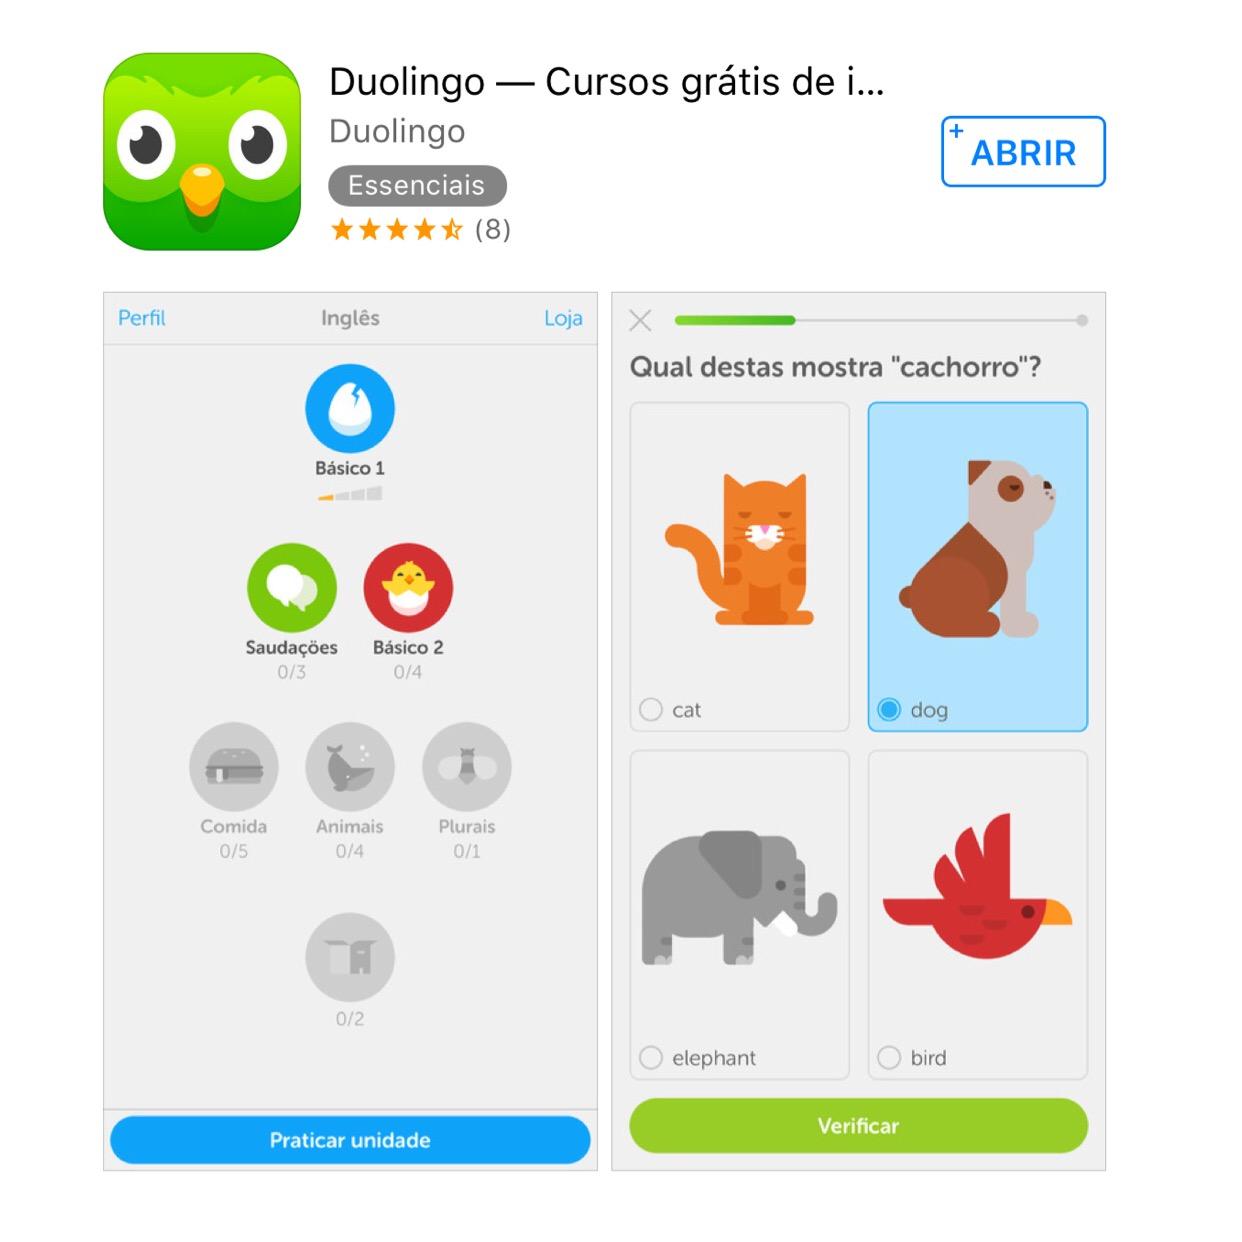 duoling - aplicativos, programas e sites gratuitos para aprender língua estrangeira sem pagar nada